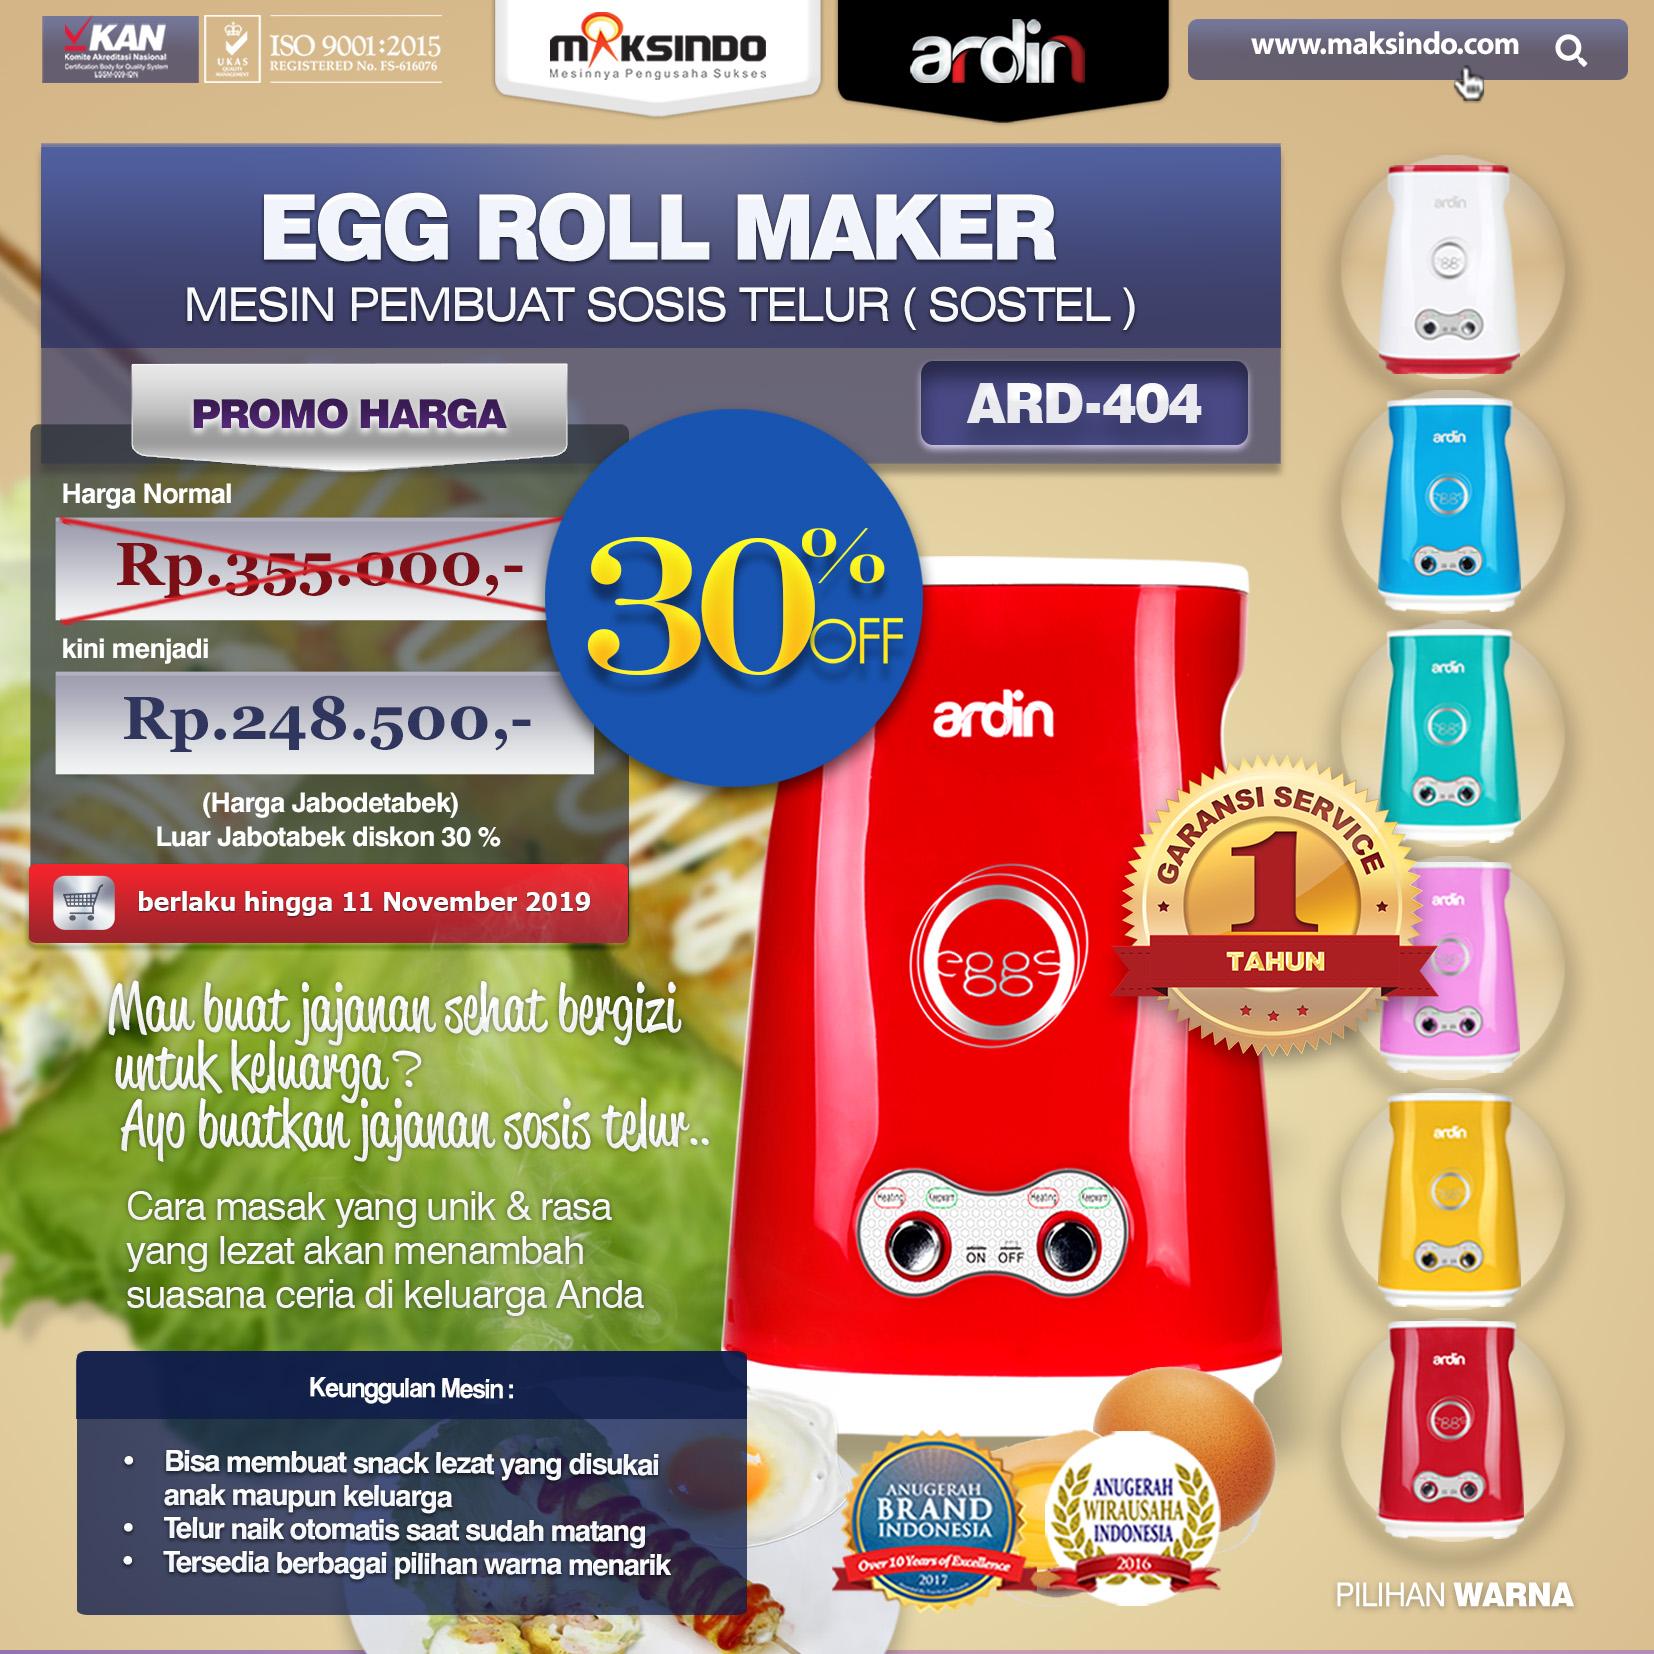 ARD-404 Egg Roll Maker promo